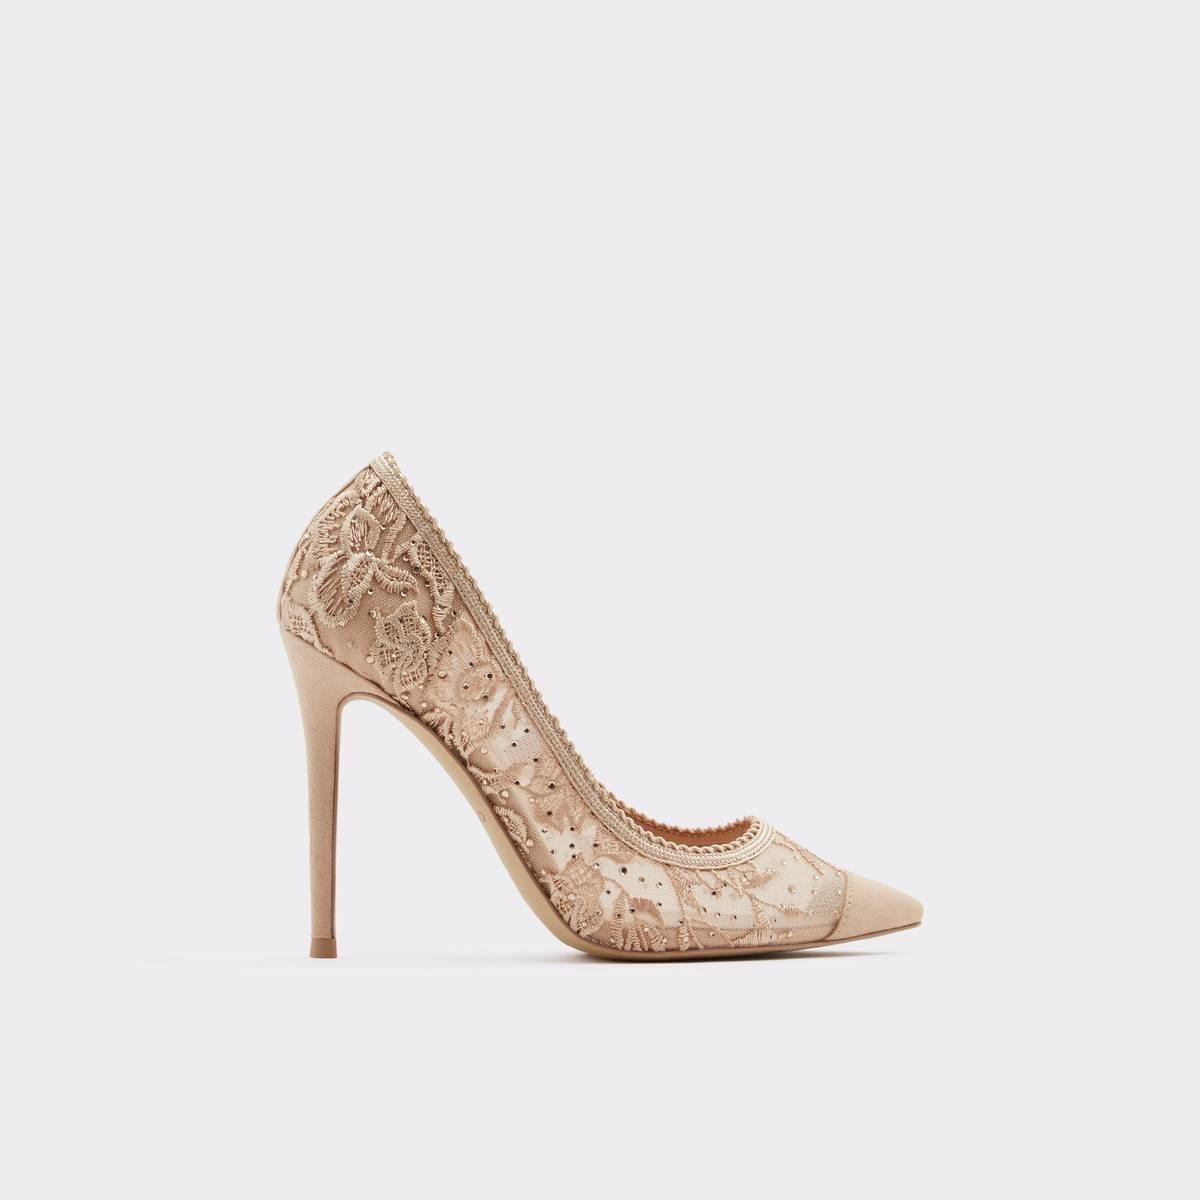 فستان سواريه باللون الجنزاري ـ حذاء بيج دانتيل